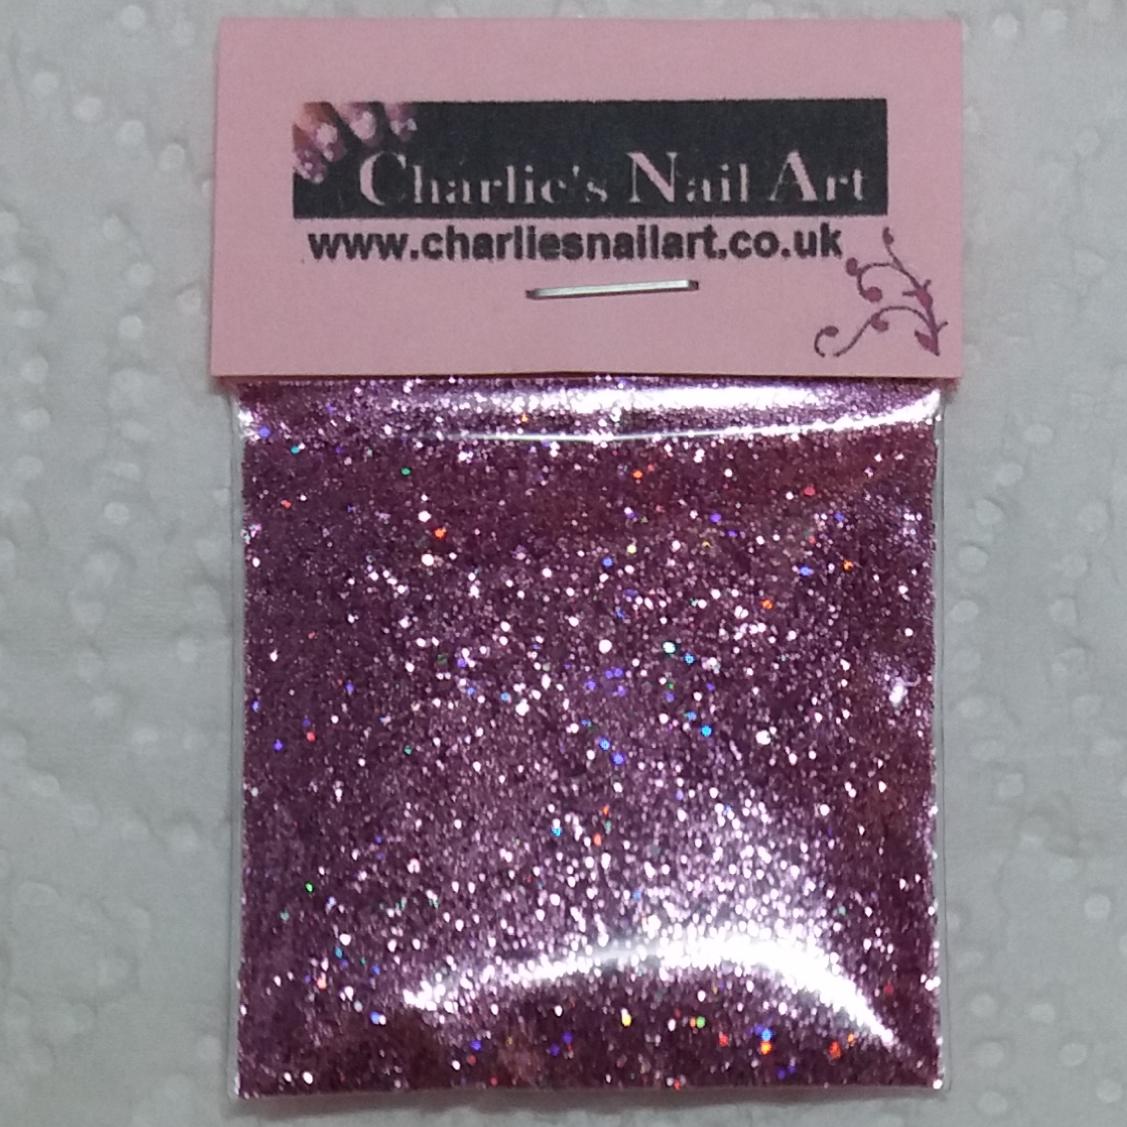 Bite No More: Charlies Nail Art